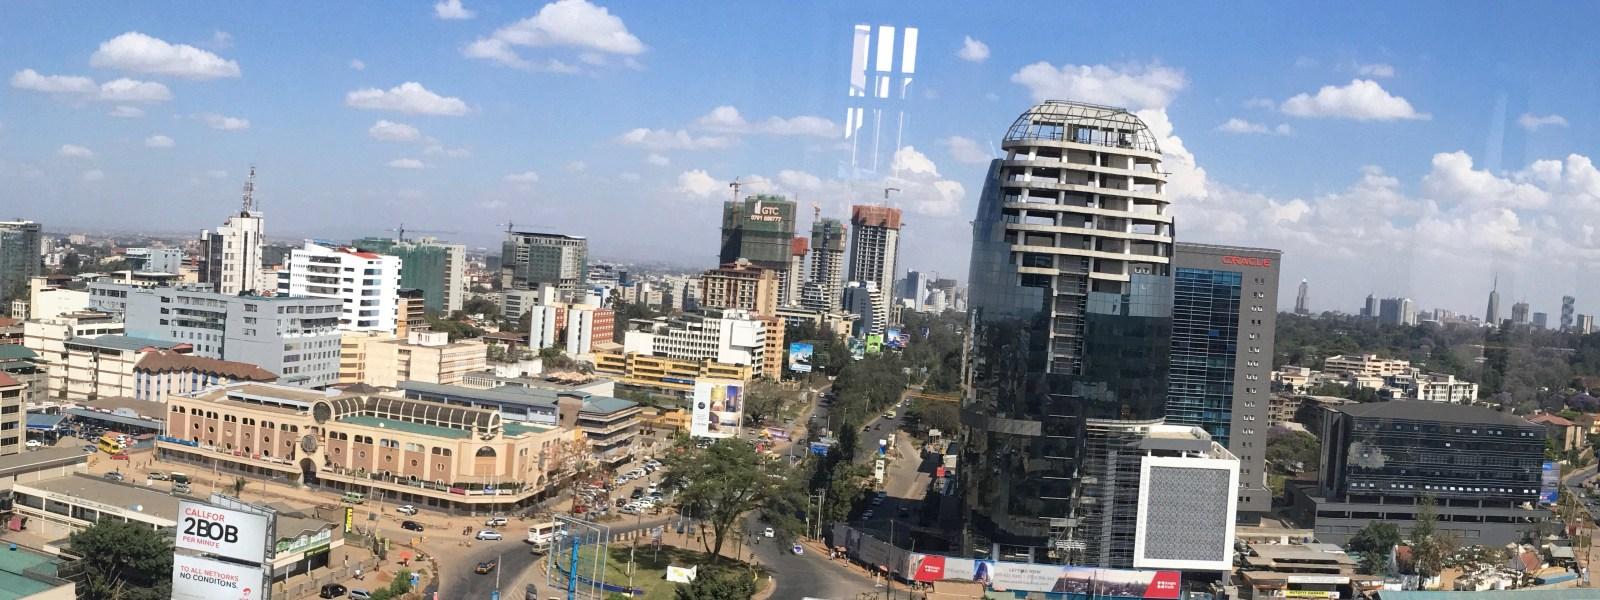 Nairobi in September 2018